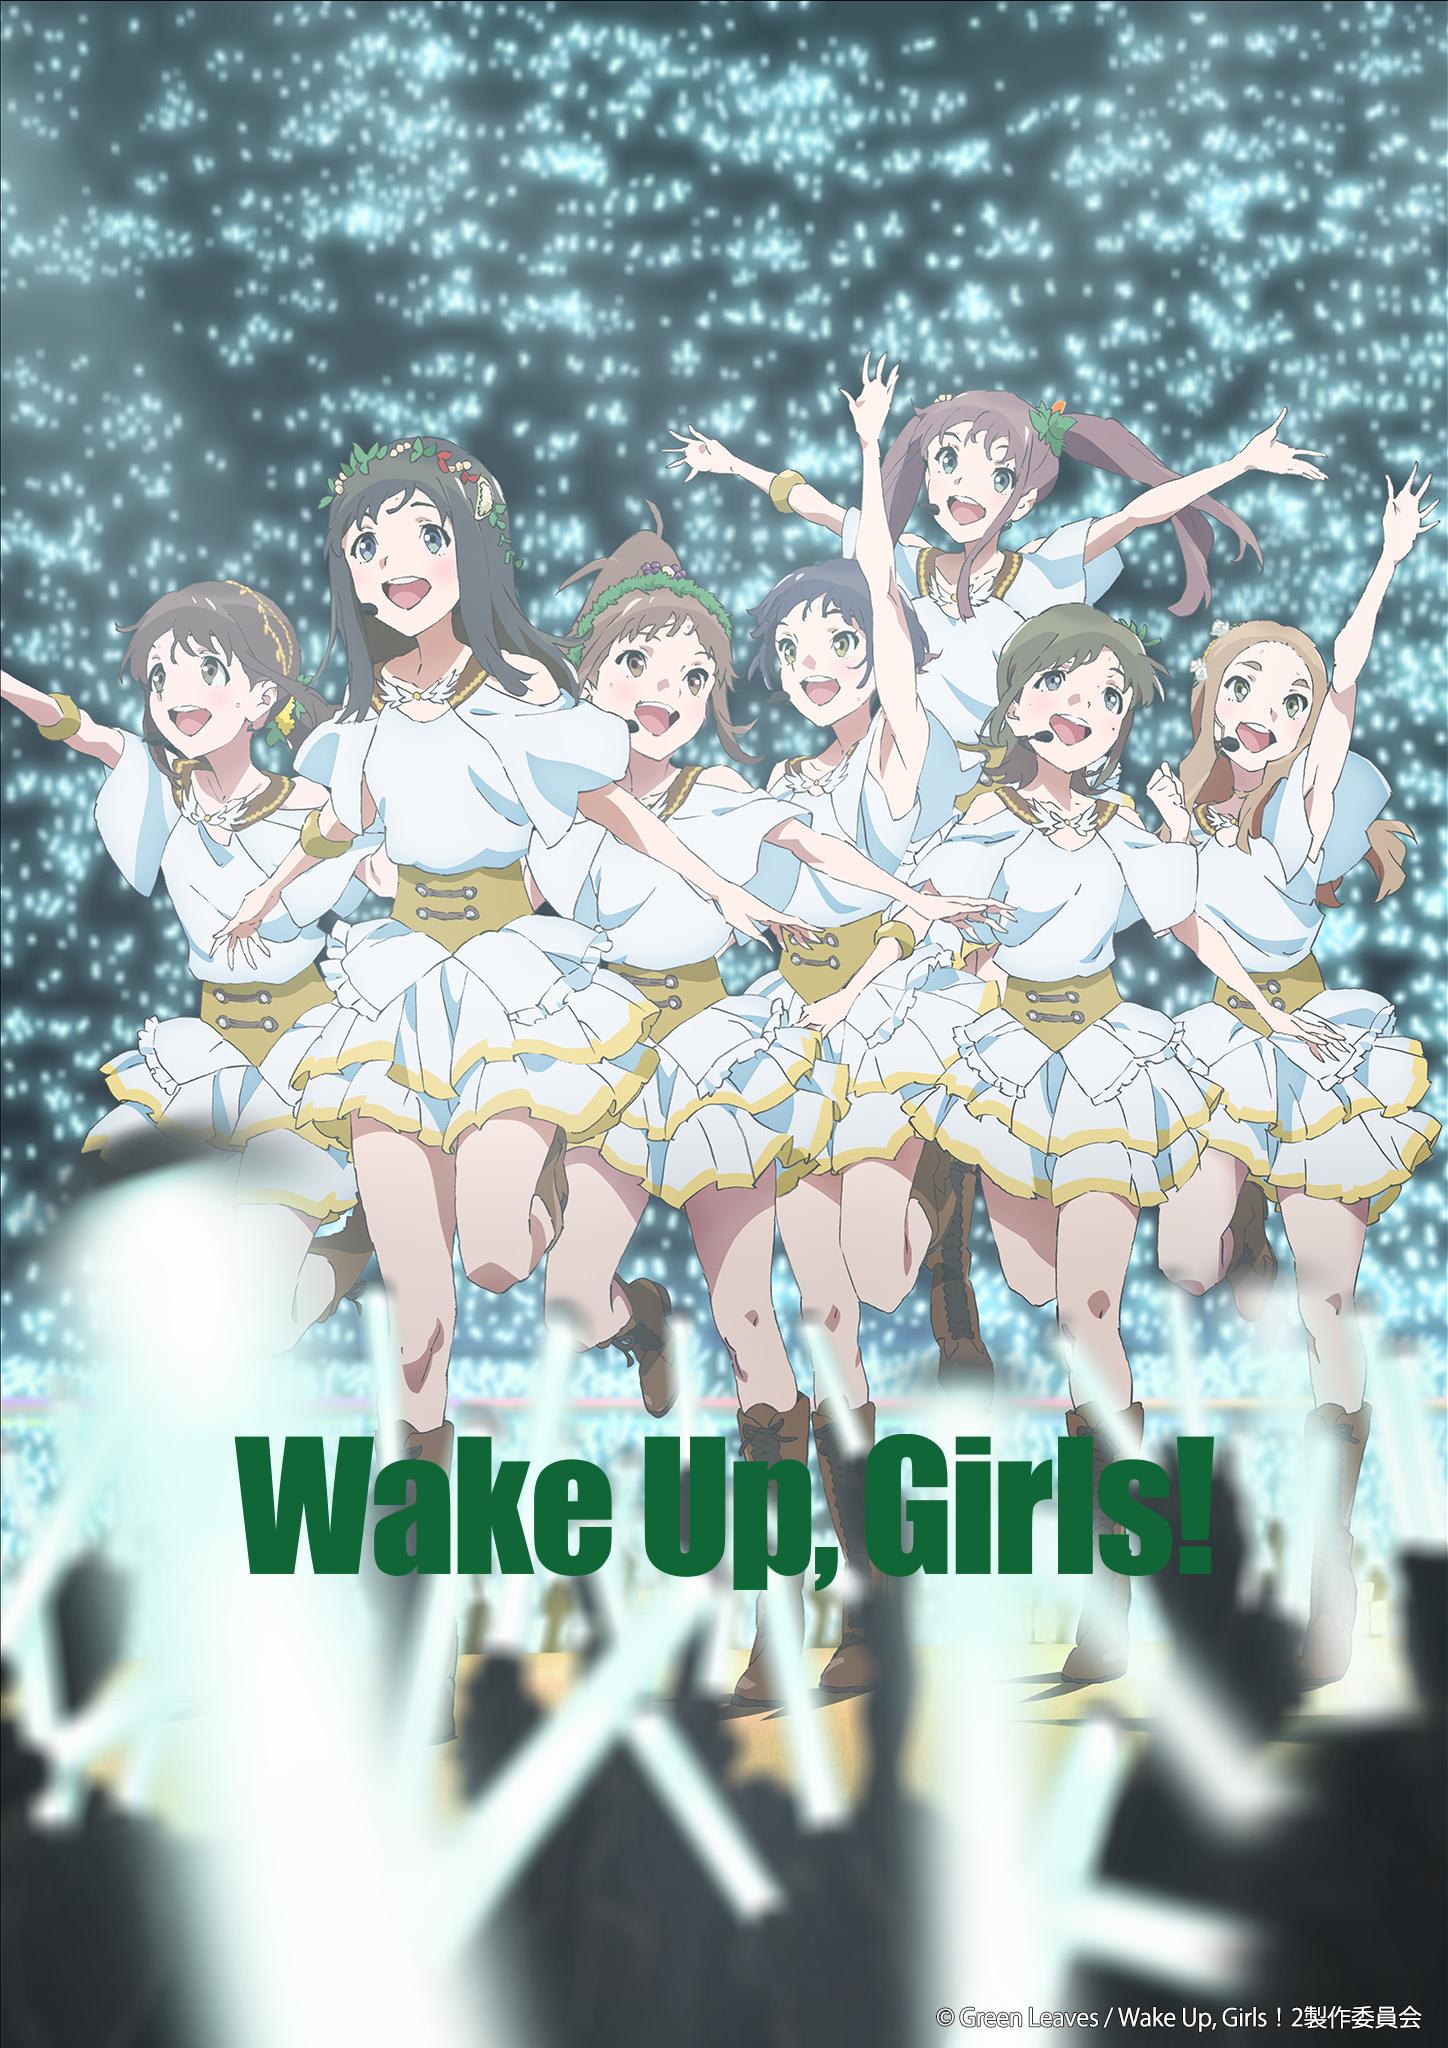 画像)『Wake Up, Girls! 続・劇場版』後編